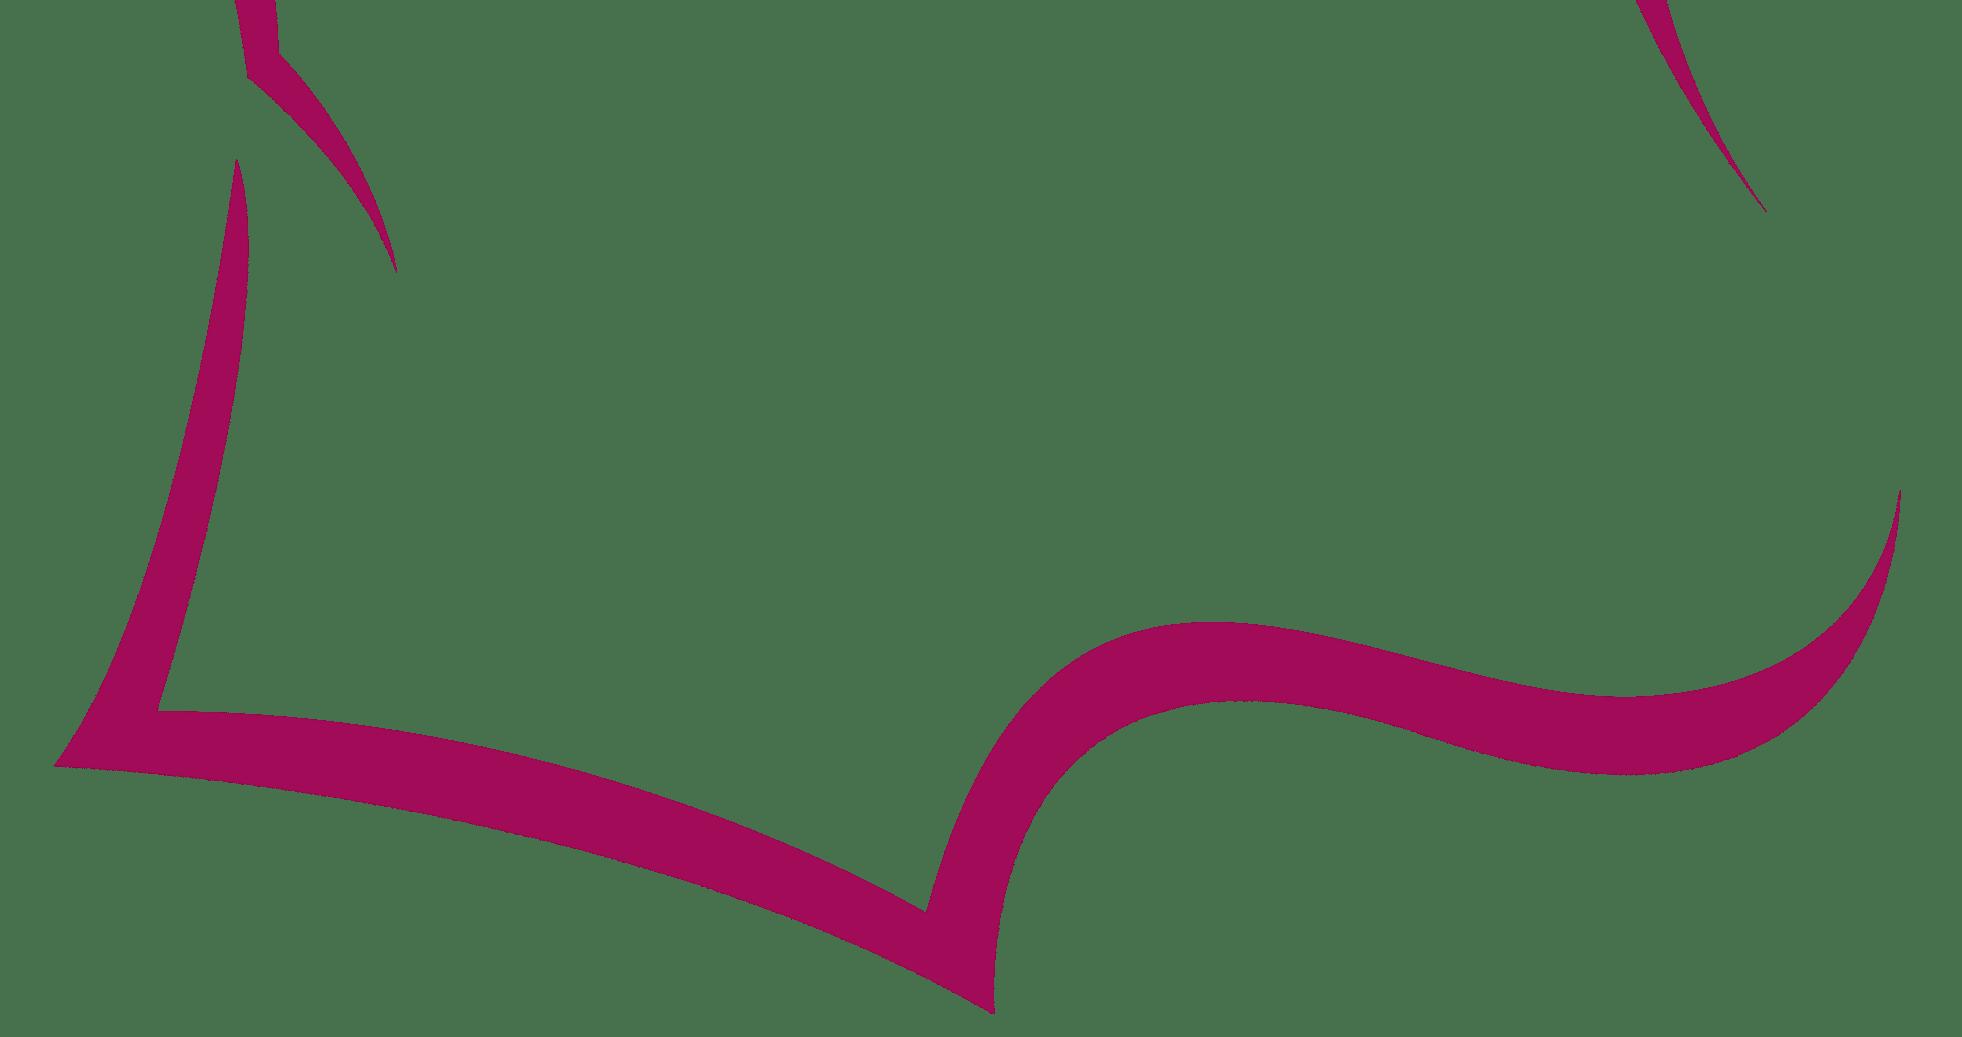 logo Inovie Fertilité procréation médicalement assistée